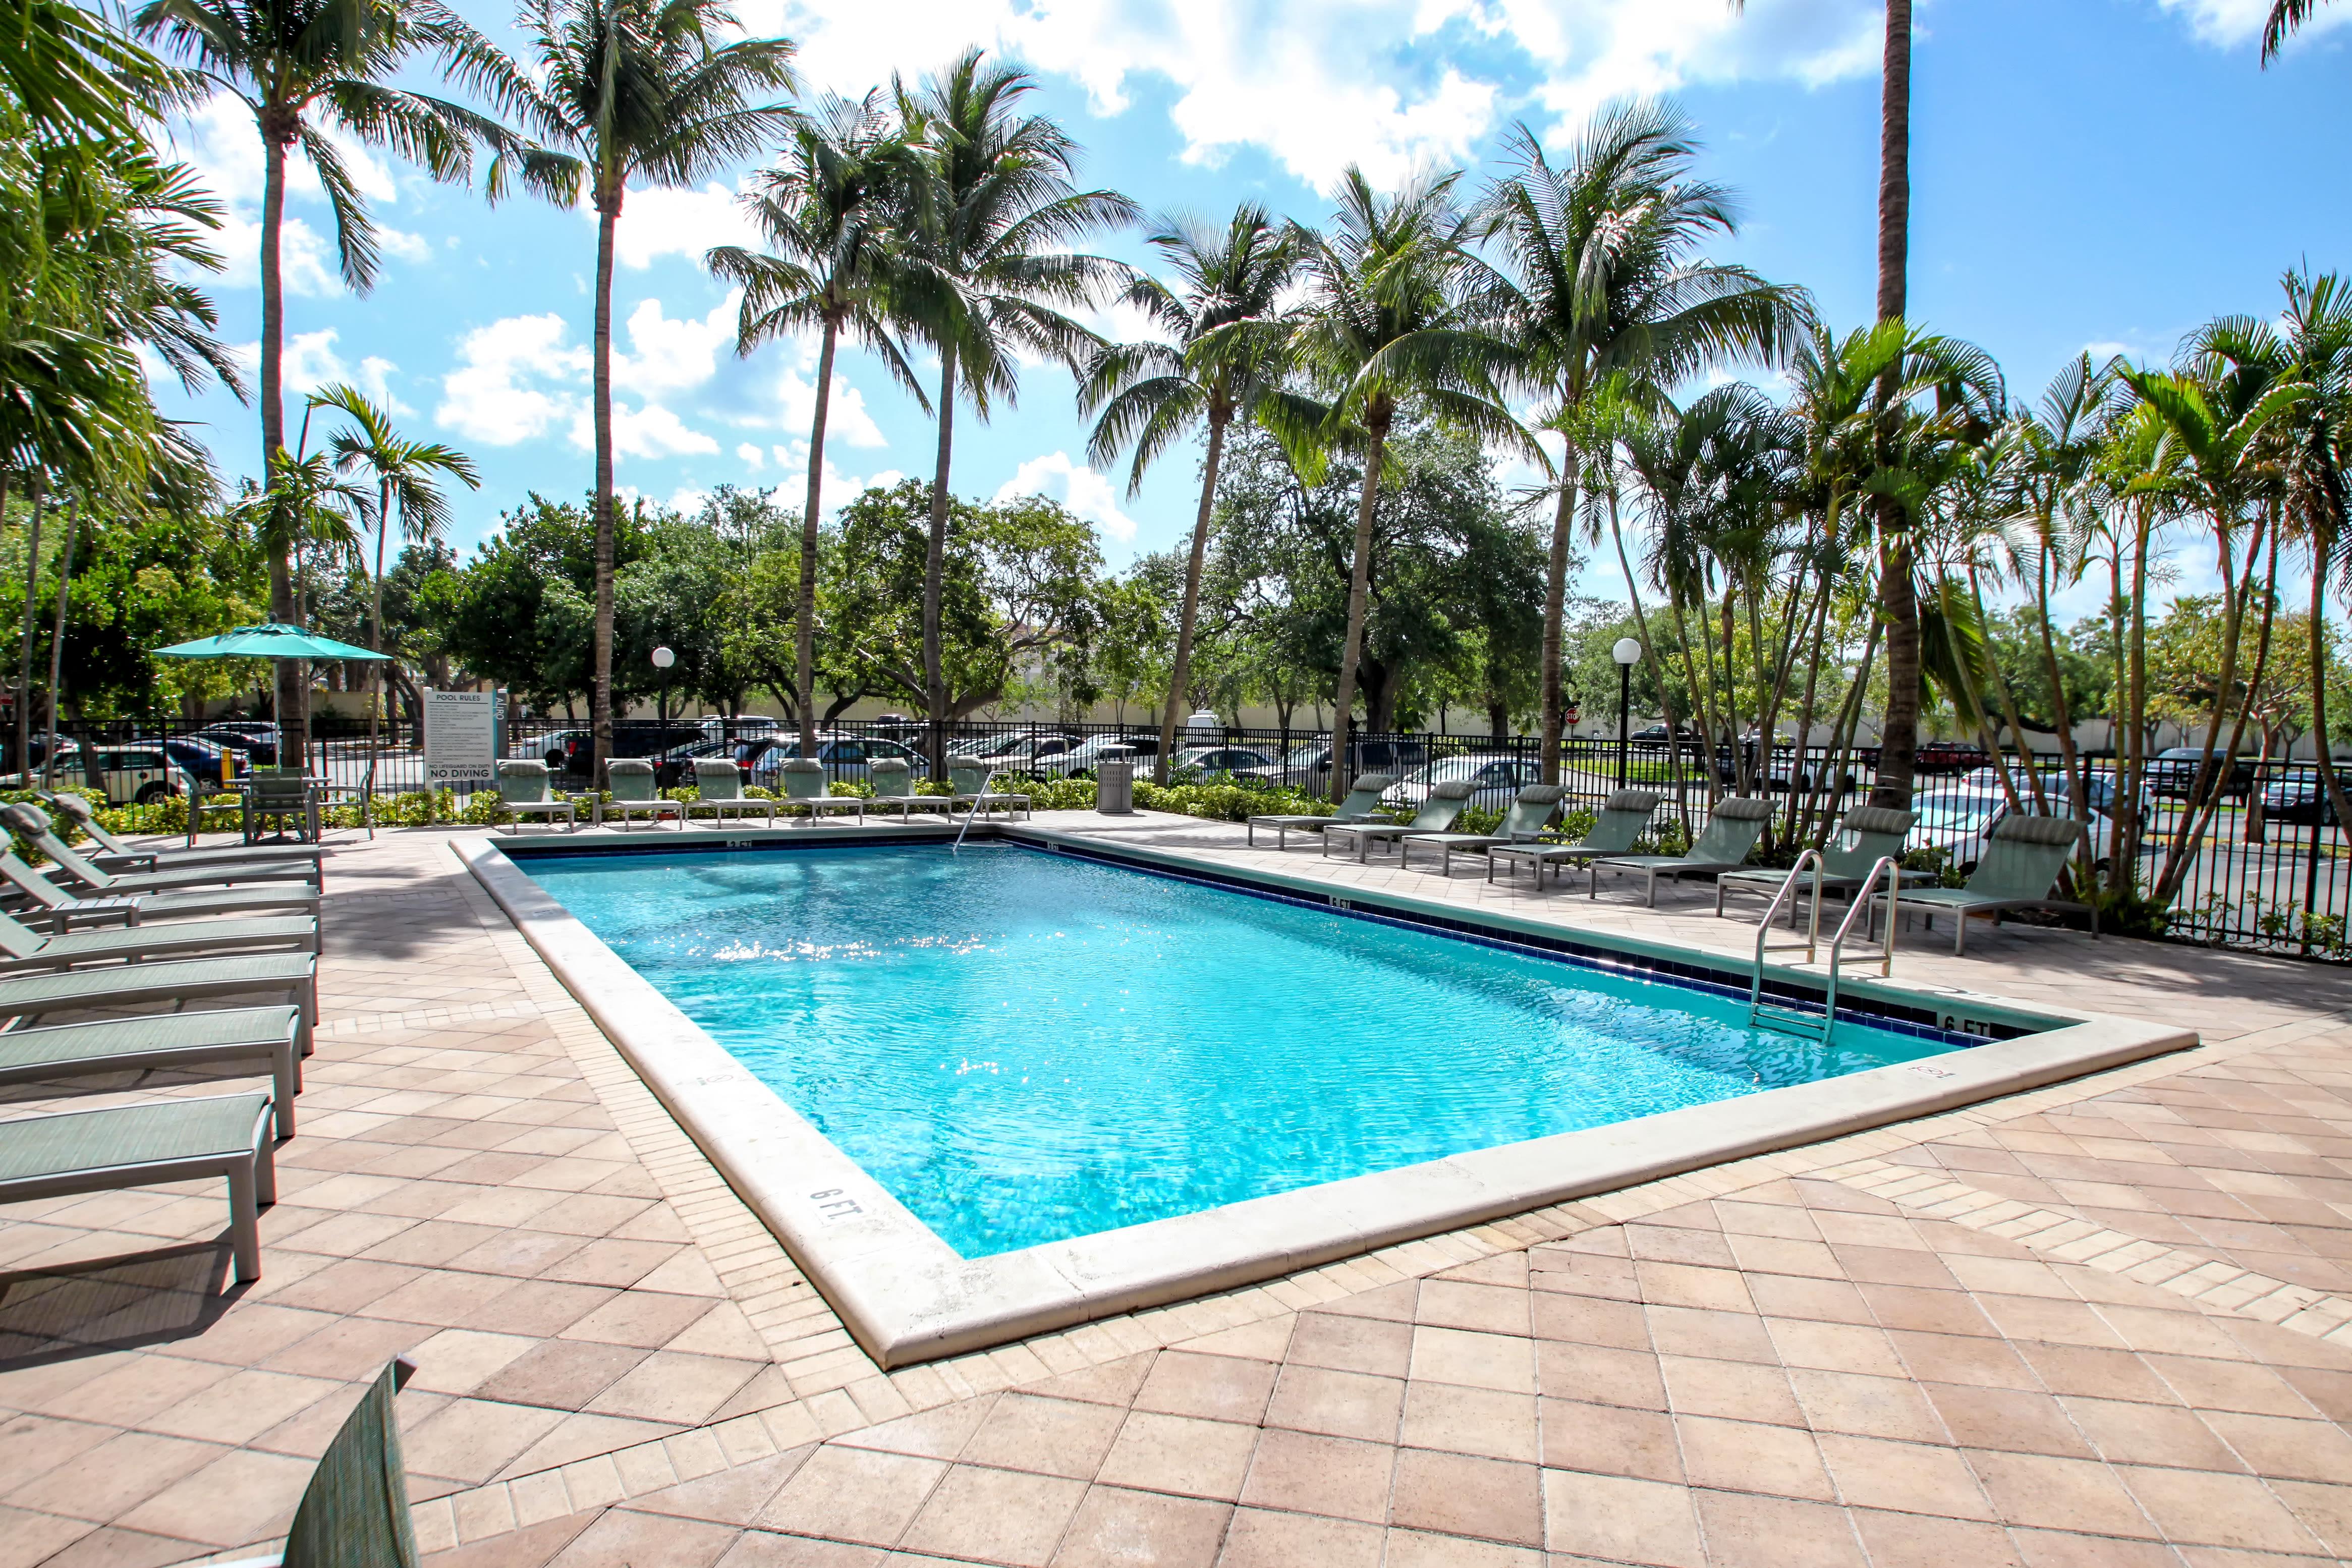 Sparkling swimming pool at Aliro Apartments in North Miami, FL